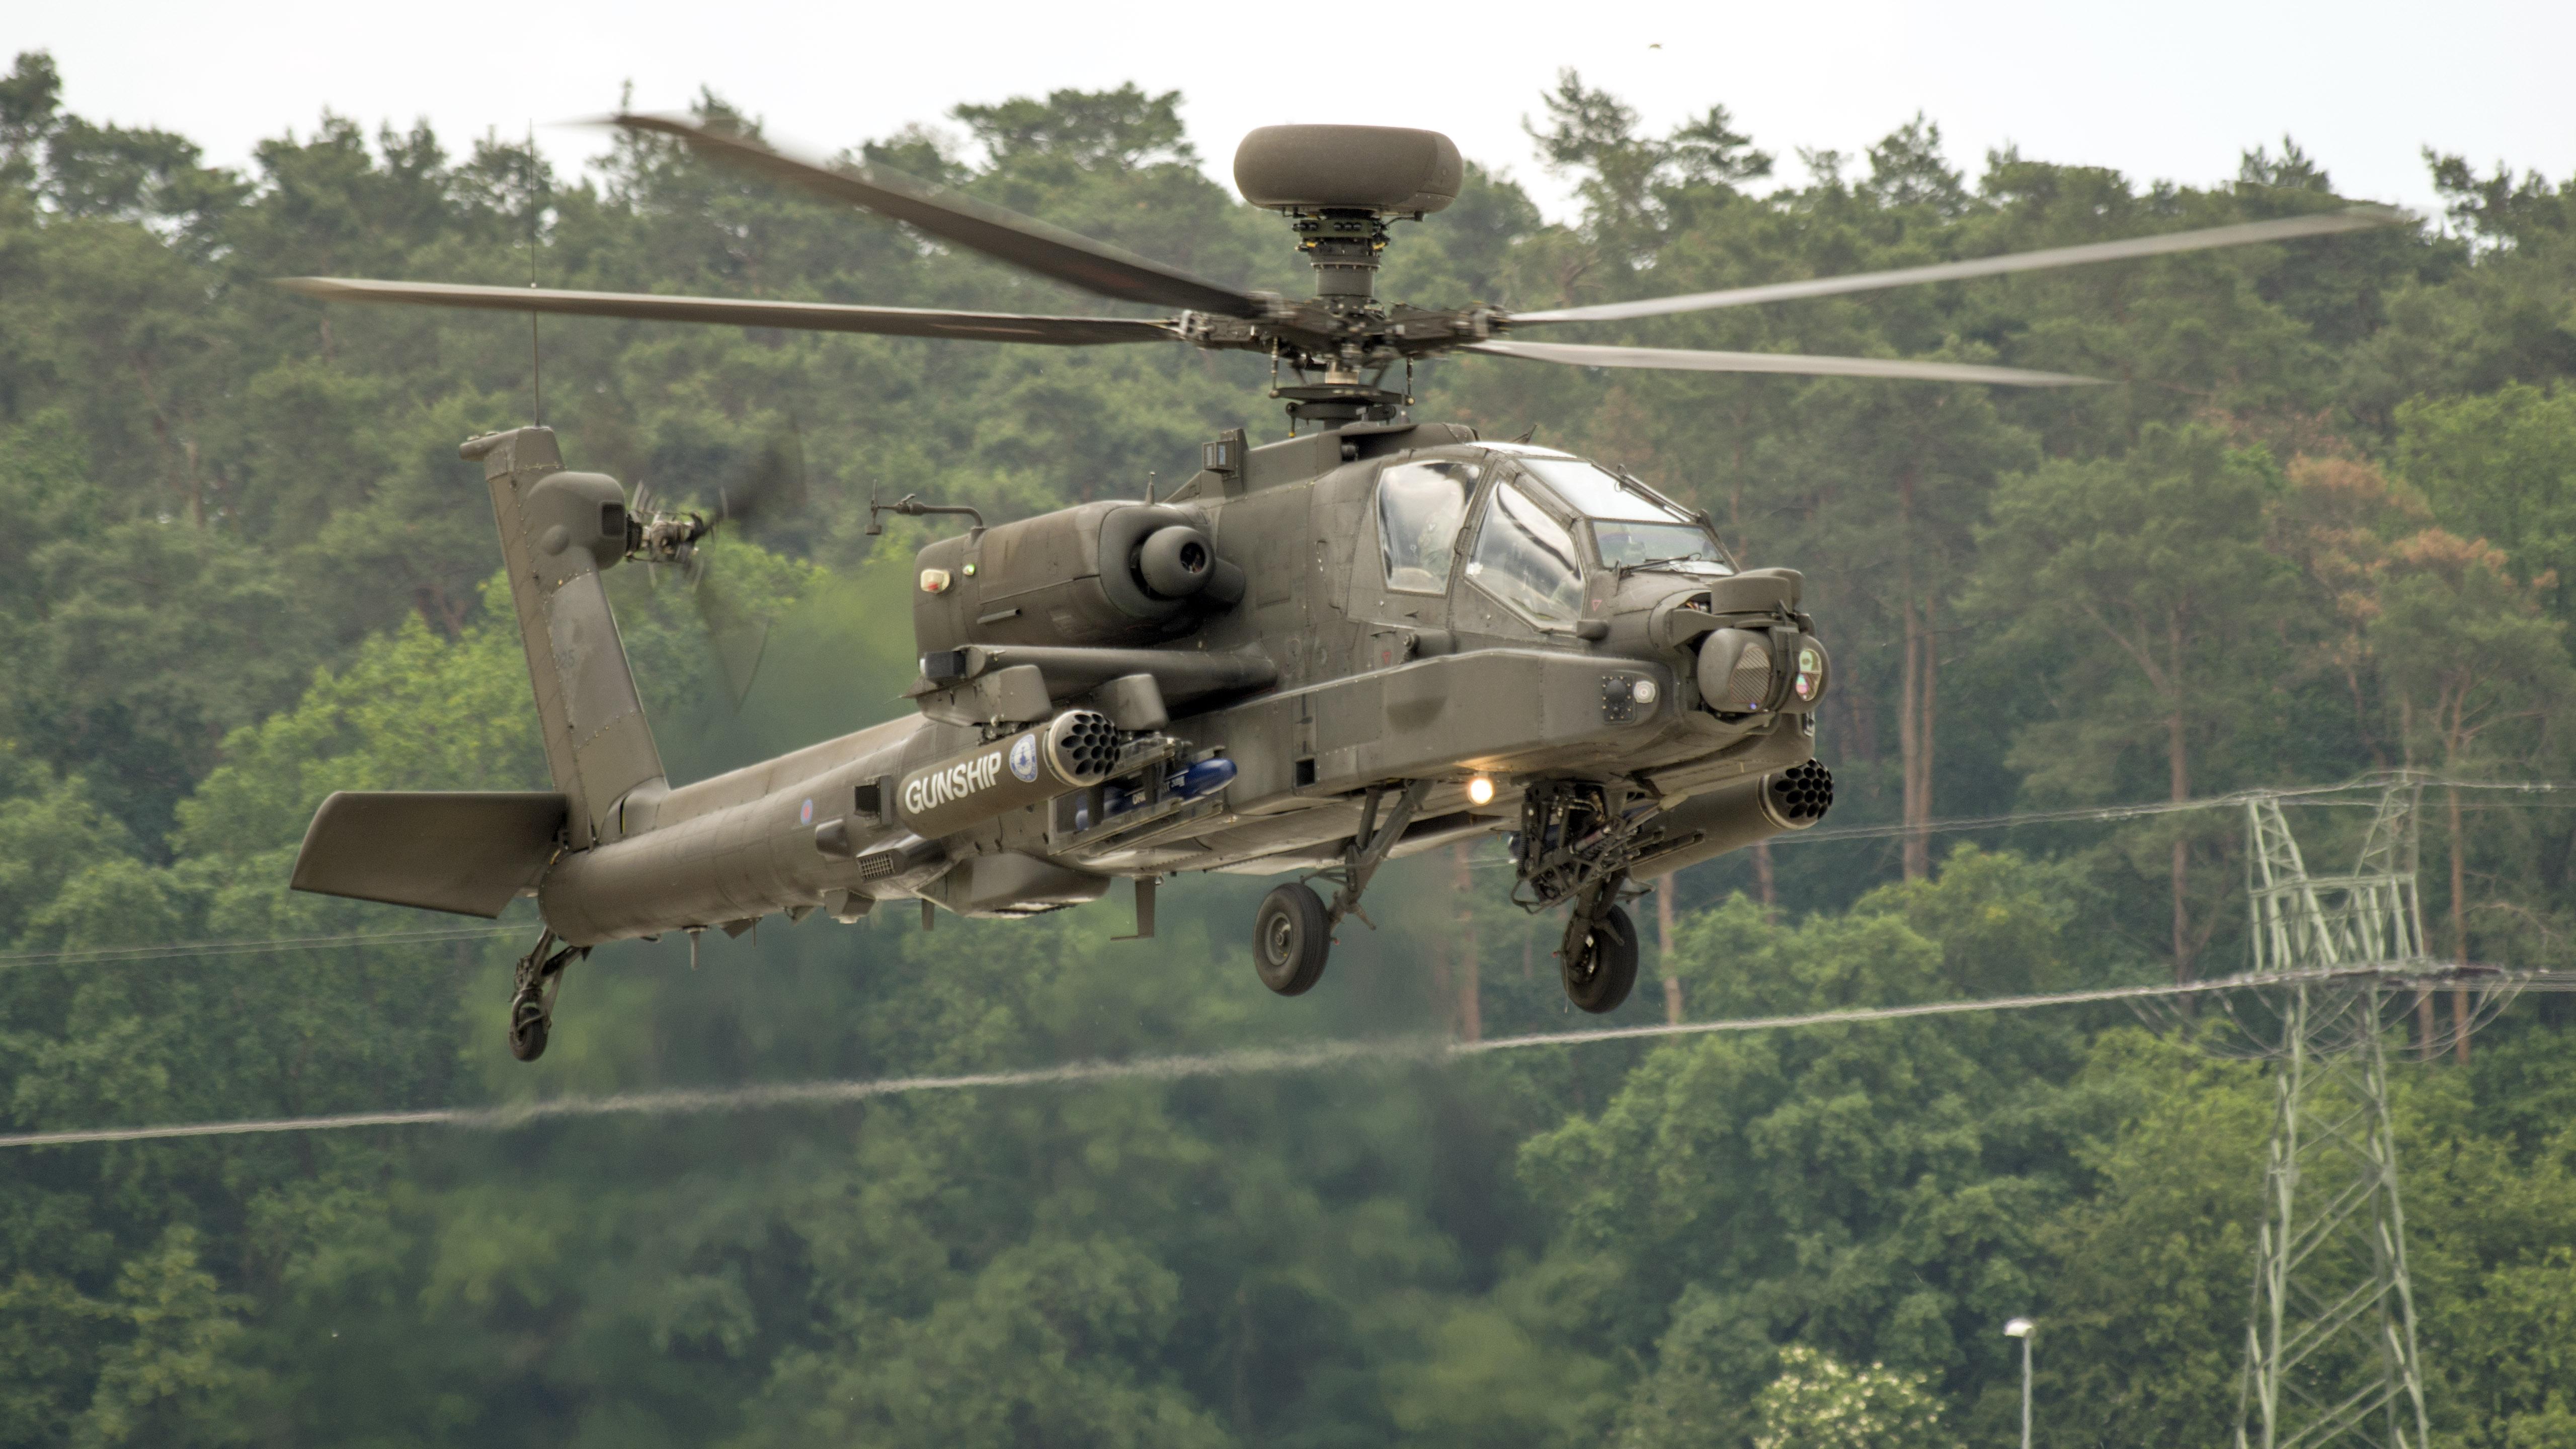 _IMG2523 Westland WAH-64D Longbow Apache AH1 ZJ225 UK Army